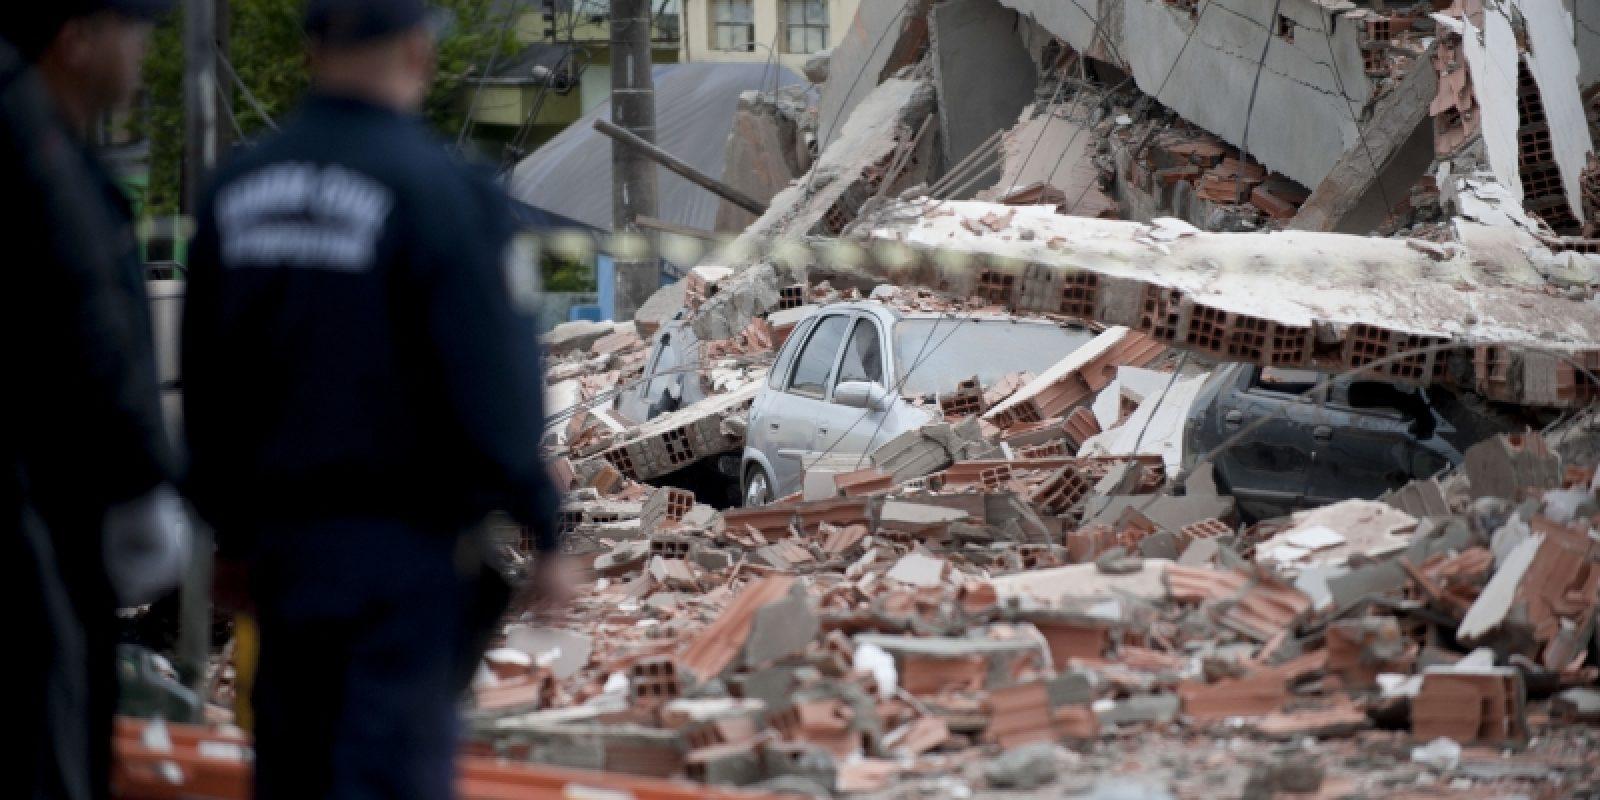 Carro é encontrado no meio dos destroços do desabamento |Marcelo Camargo/ABr sao mateus